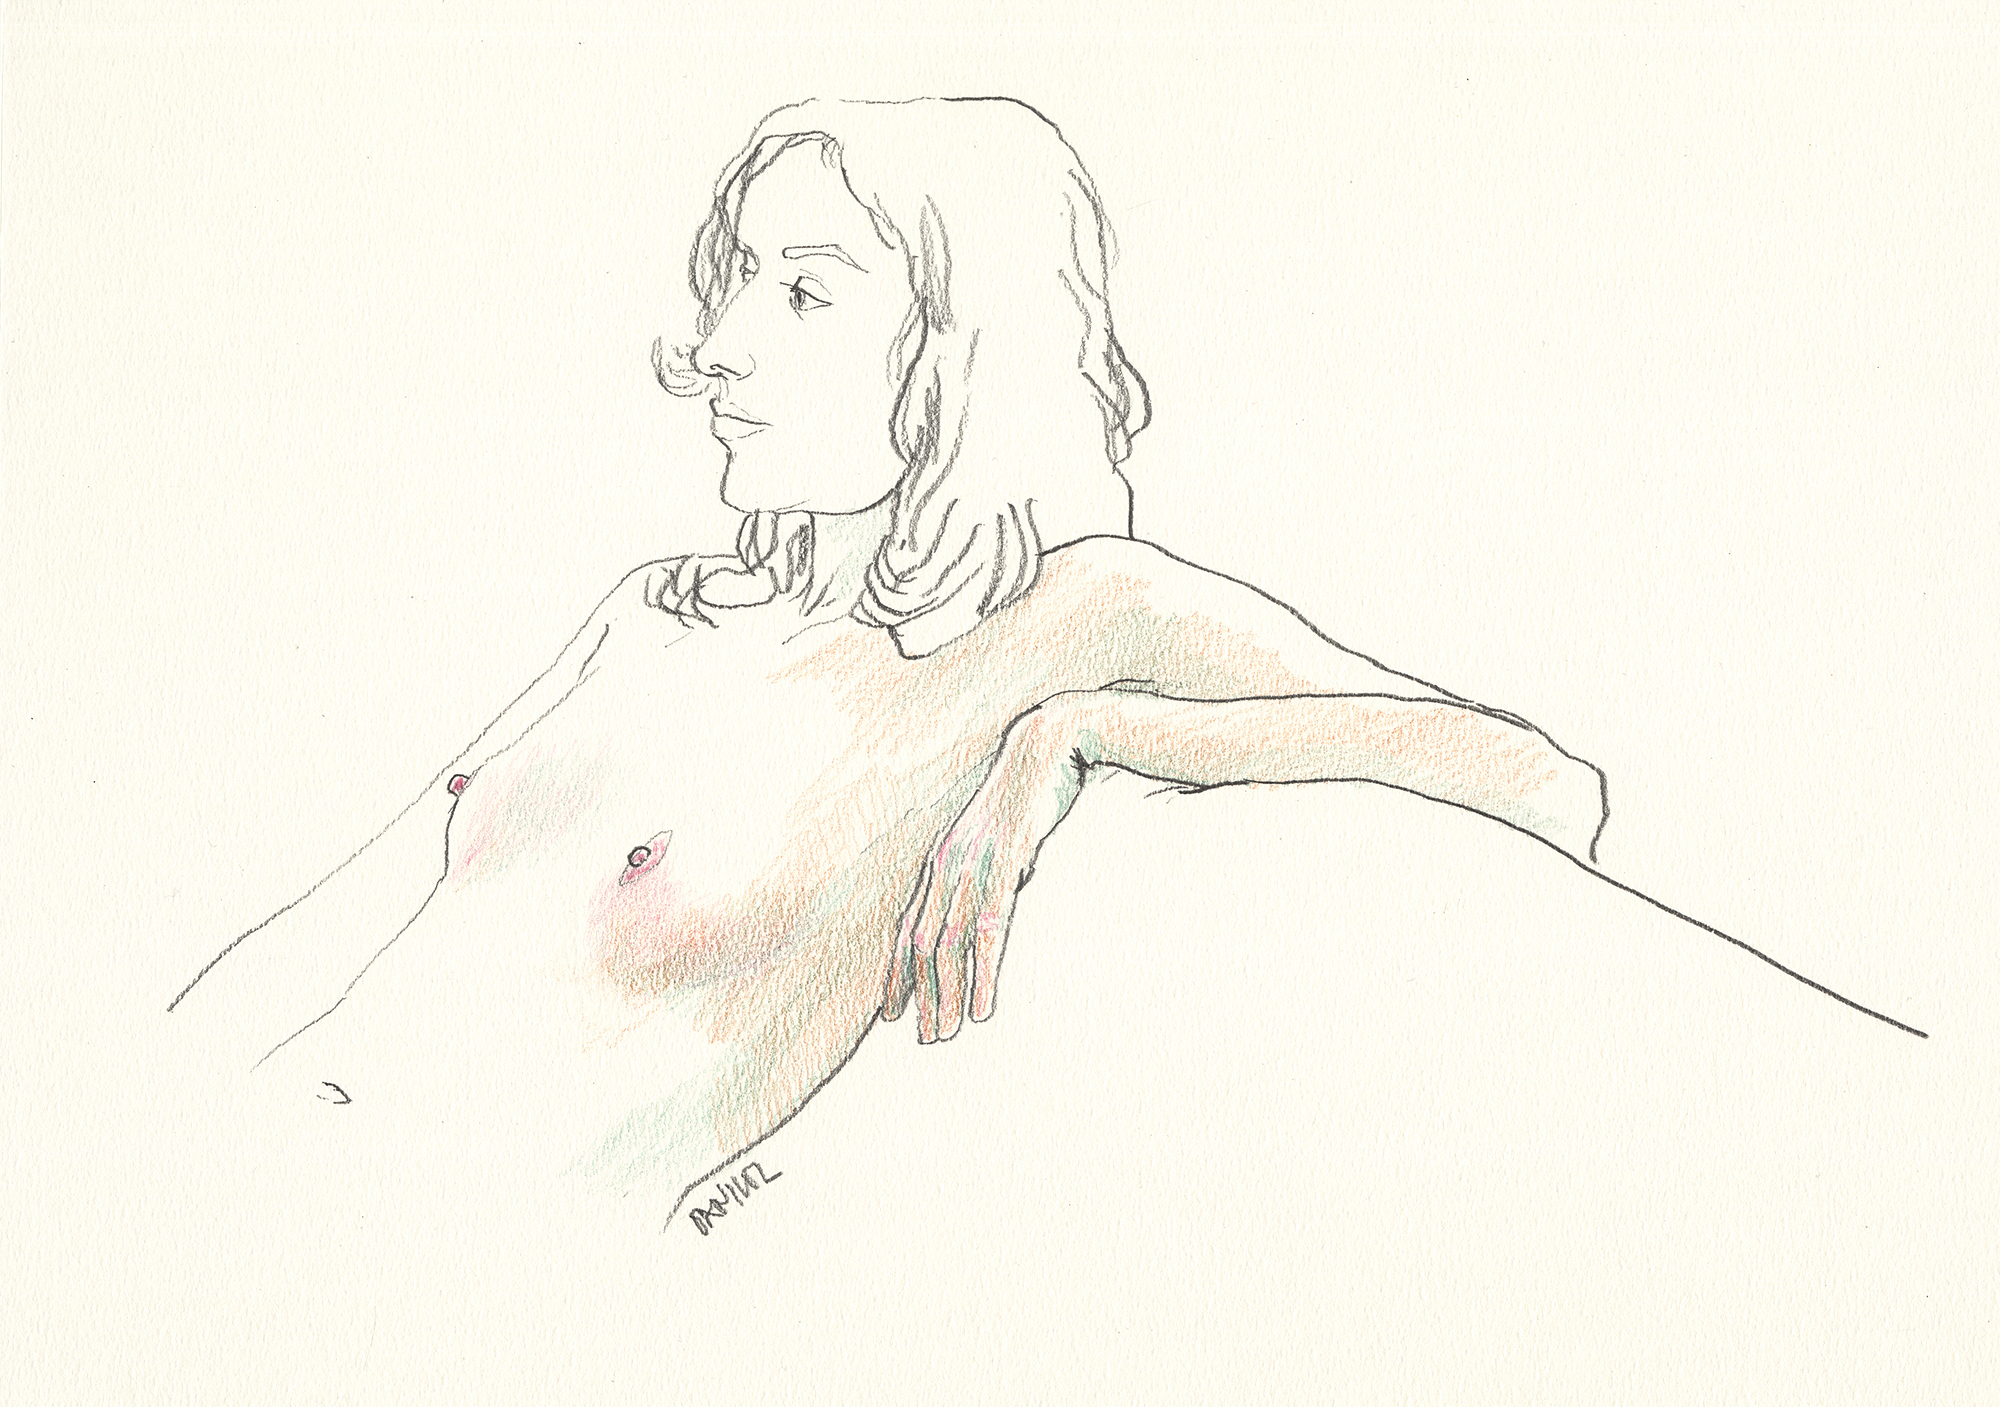 luisa-07-daniloz